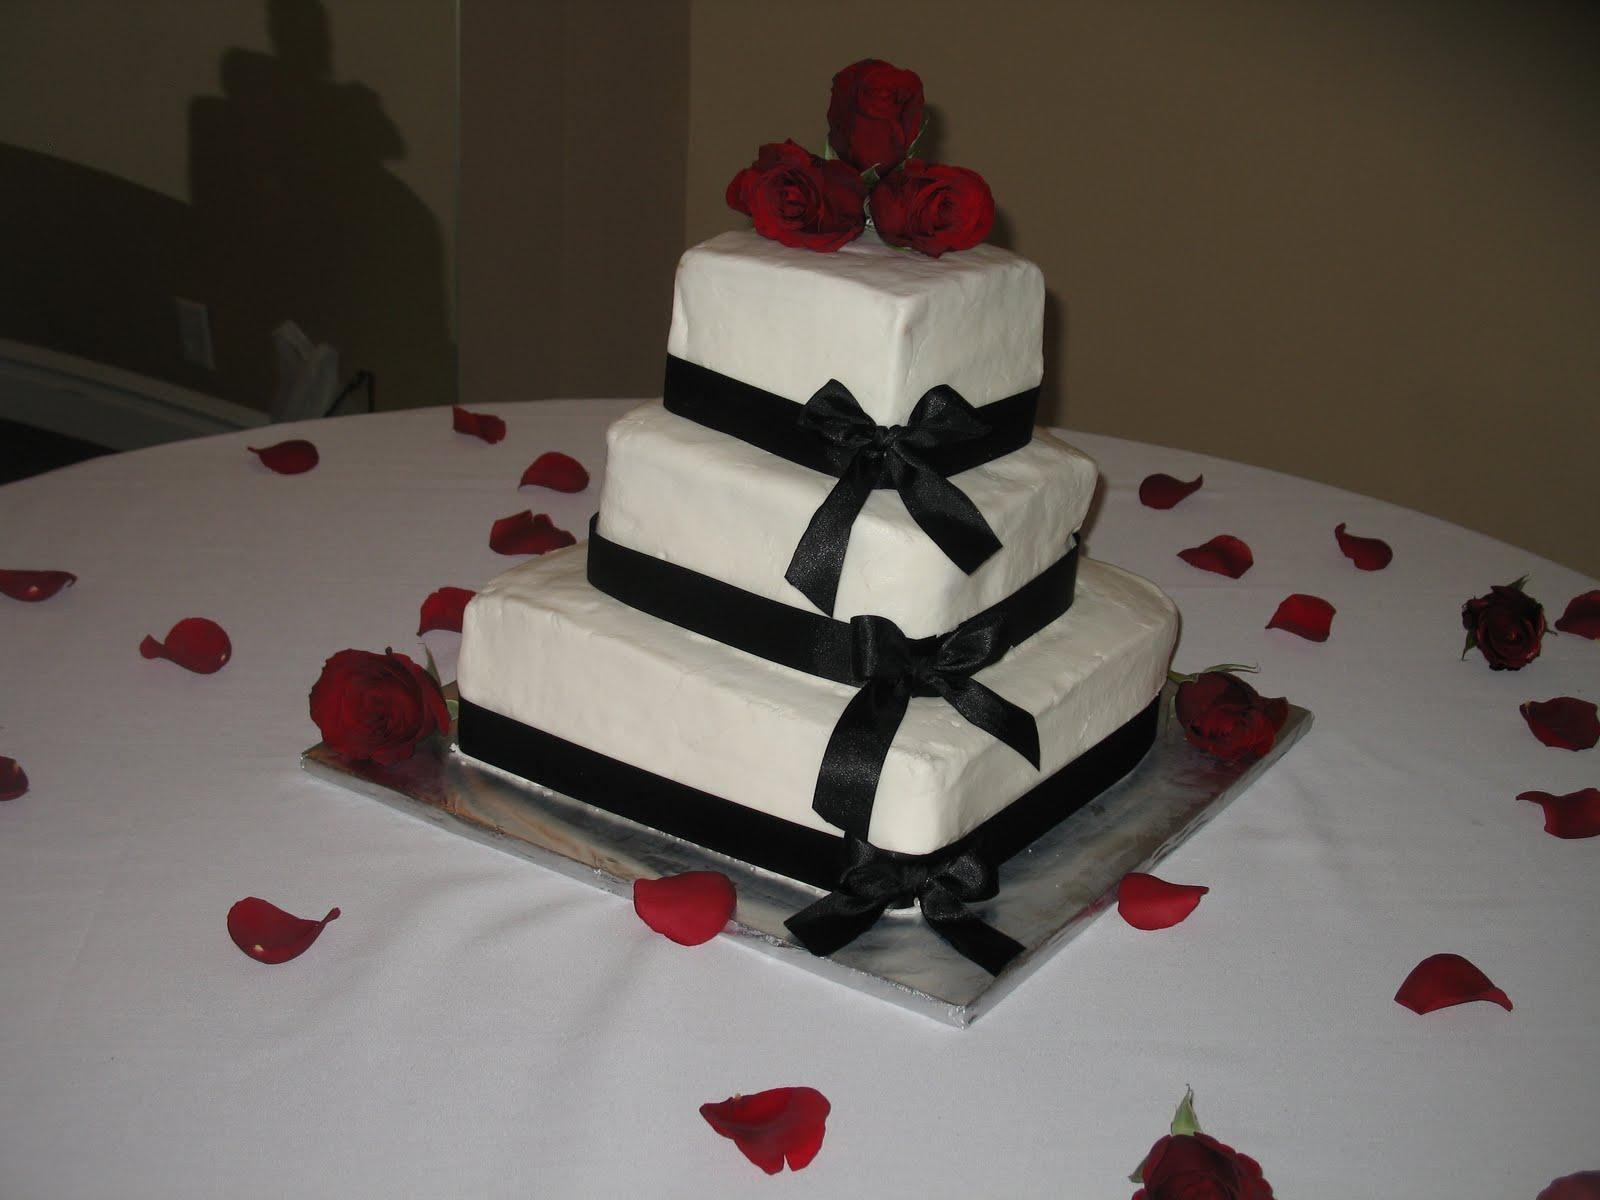 Dede's Cakes: 3-Tier Square Wedding Cake